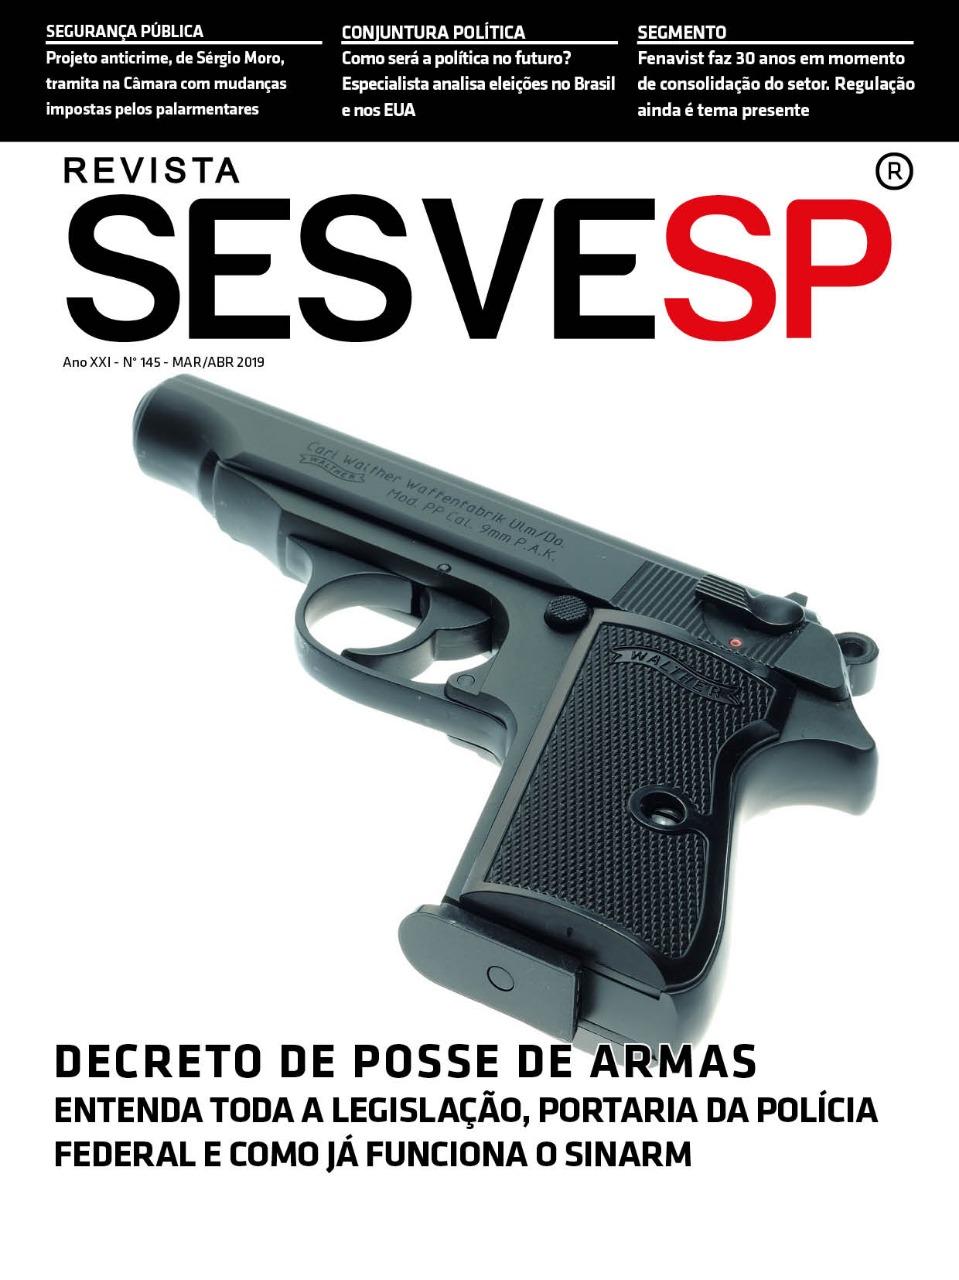 Edição 145 da Revista Sesvesp,